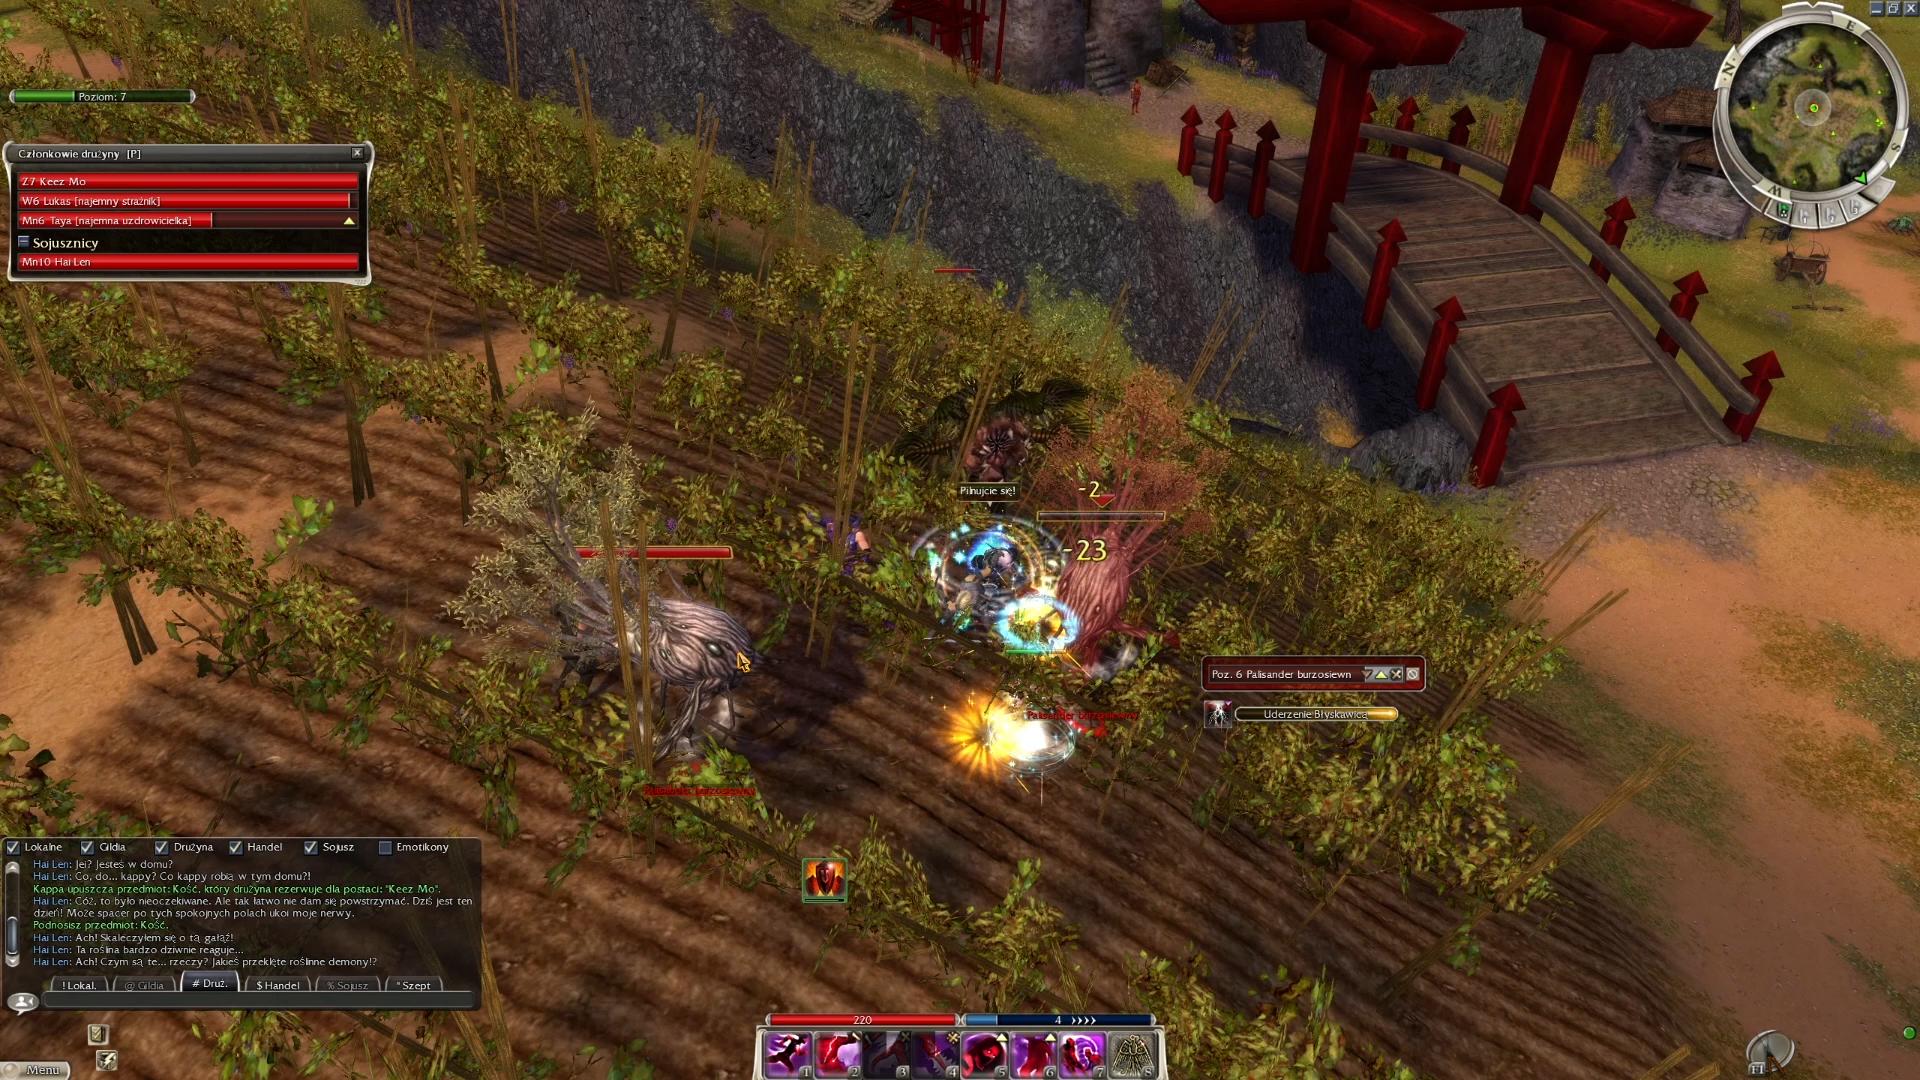 Retro MMORPG Guild Wars 1